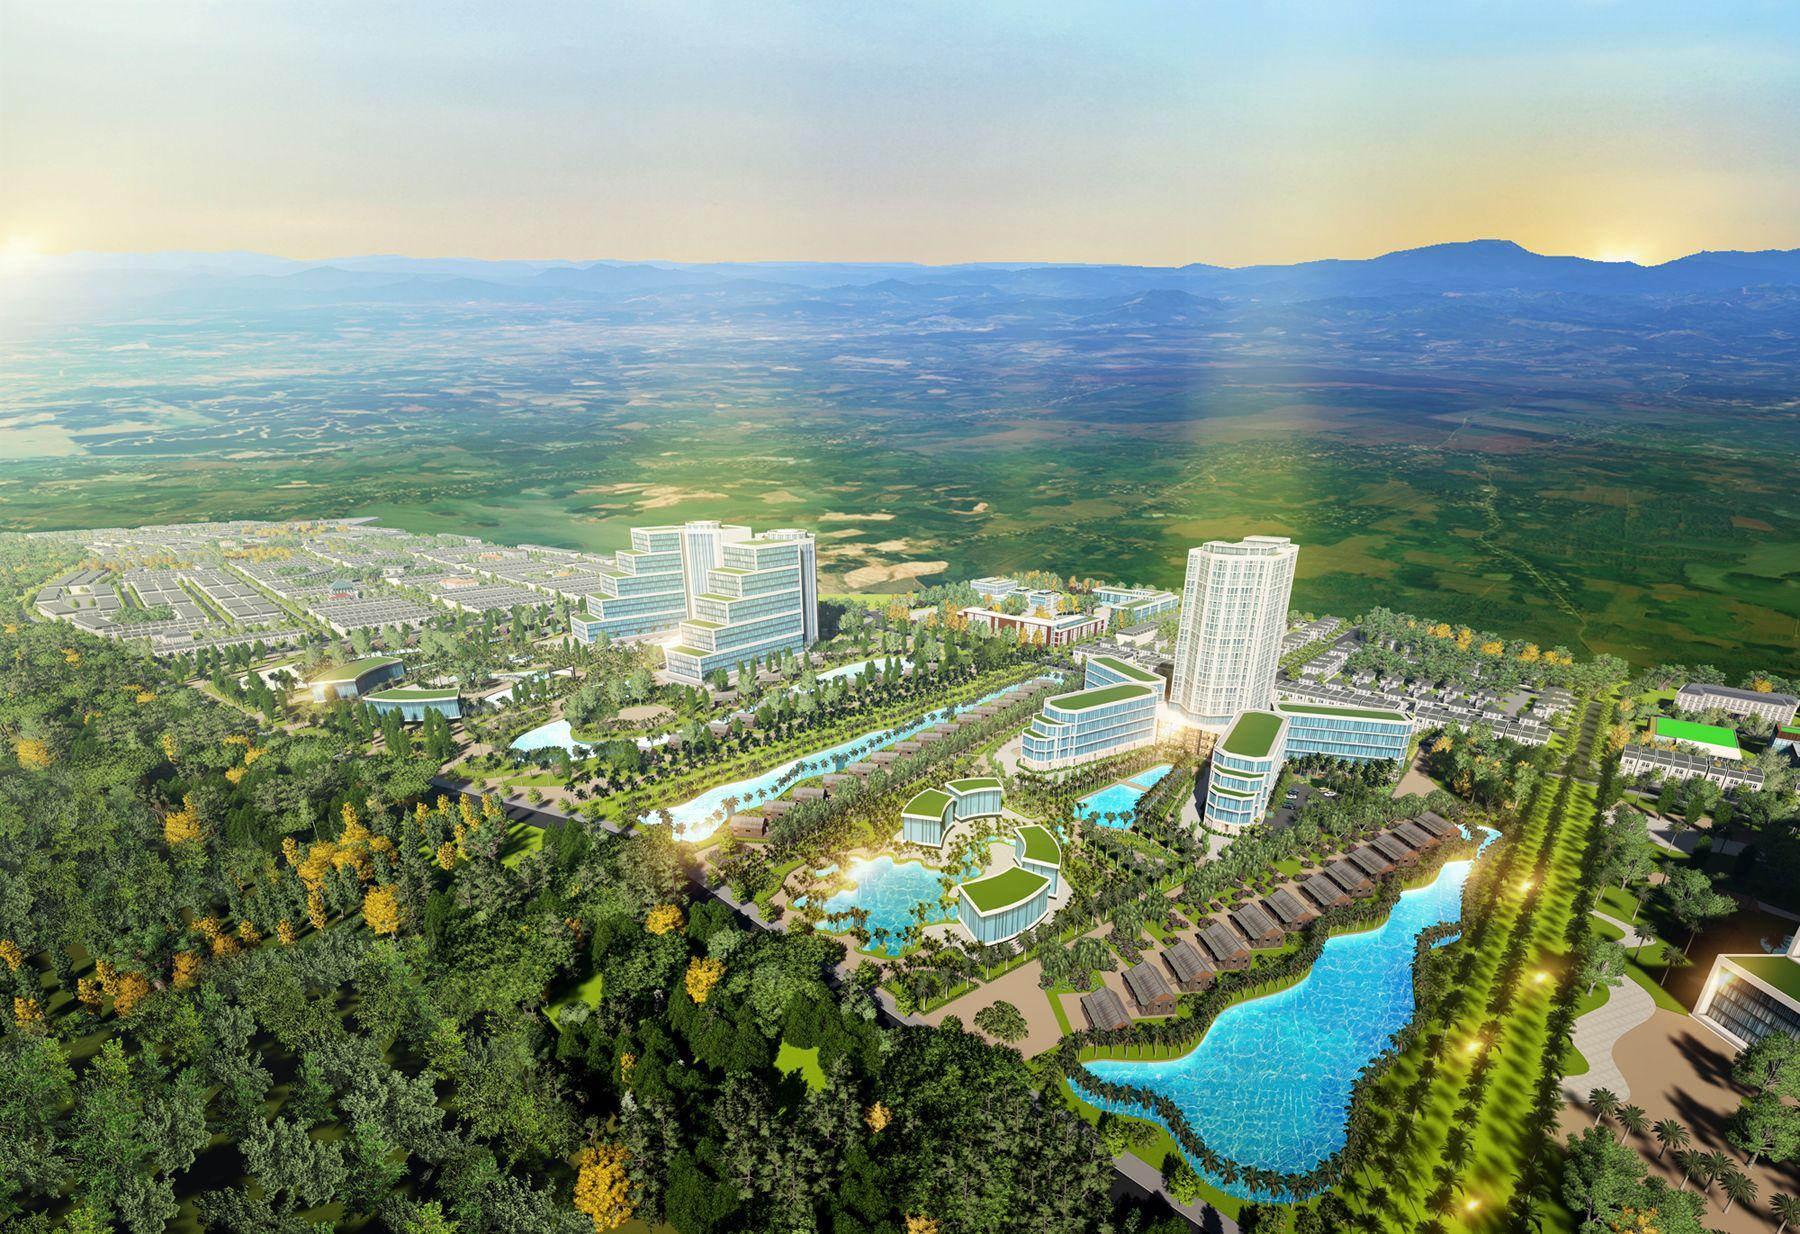 QHCT tổ hợp du lịch nghỉ dưỡng, vui chơi giải trí và đô thị biển Gio Linh (Giai đoạn 1) tại huyện Gio Linh, Quảng Trị